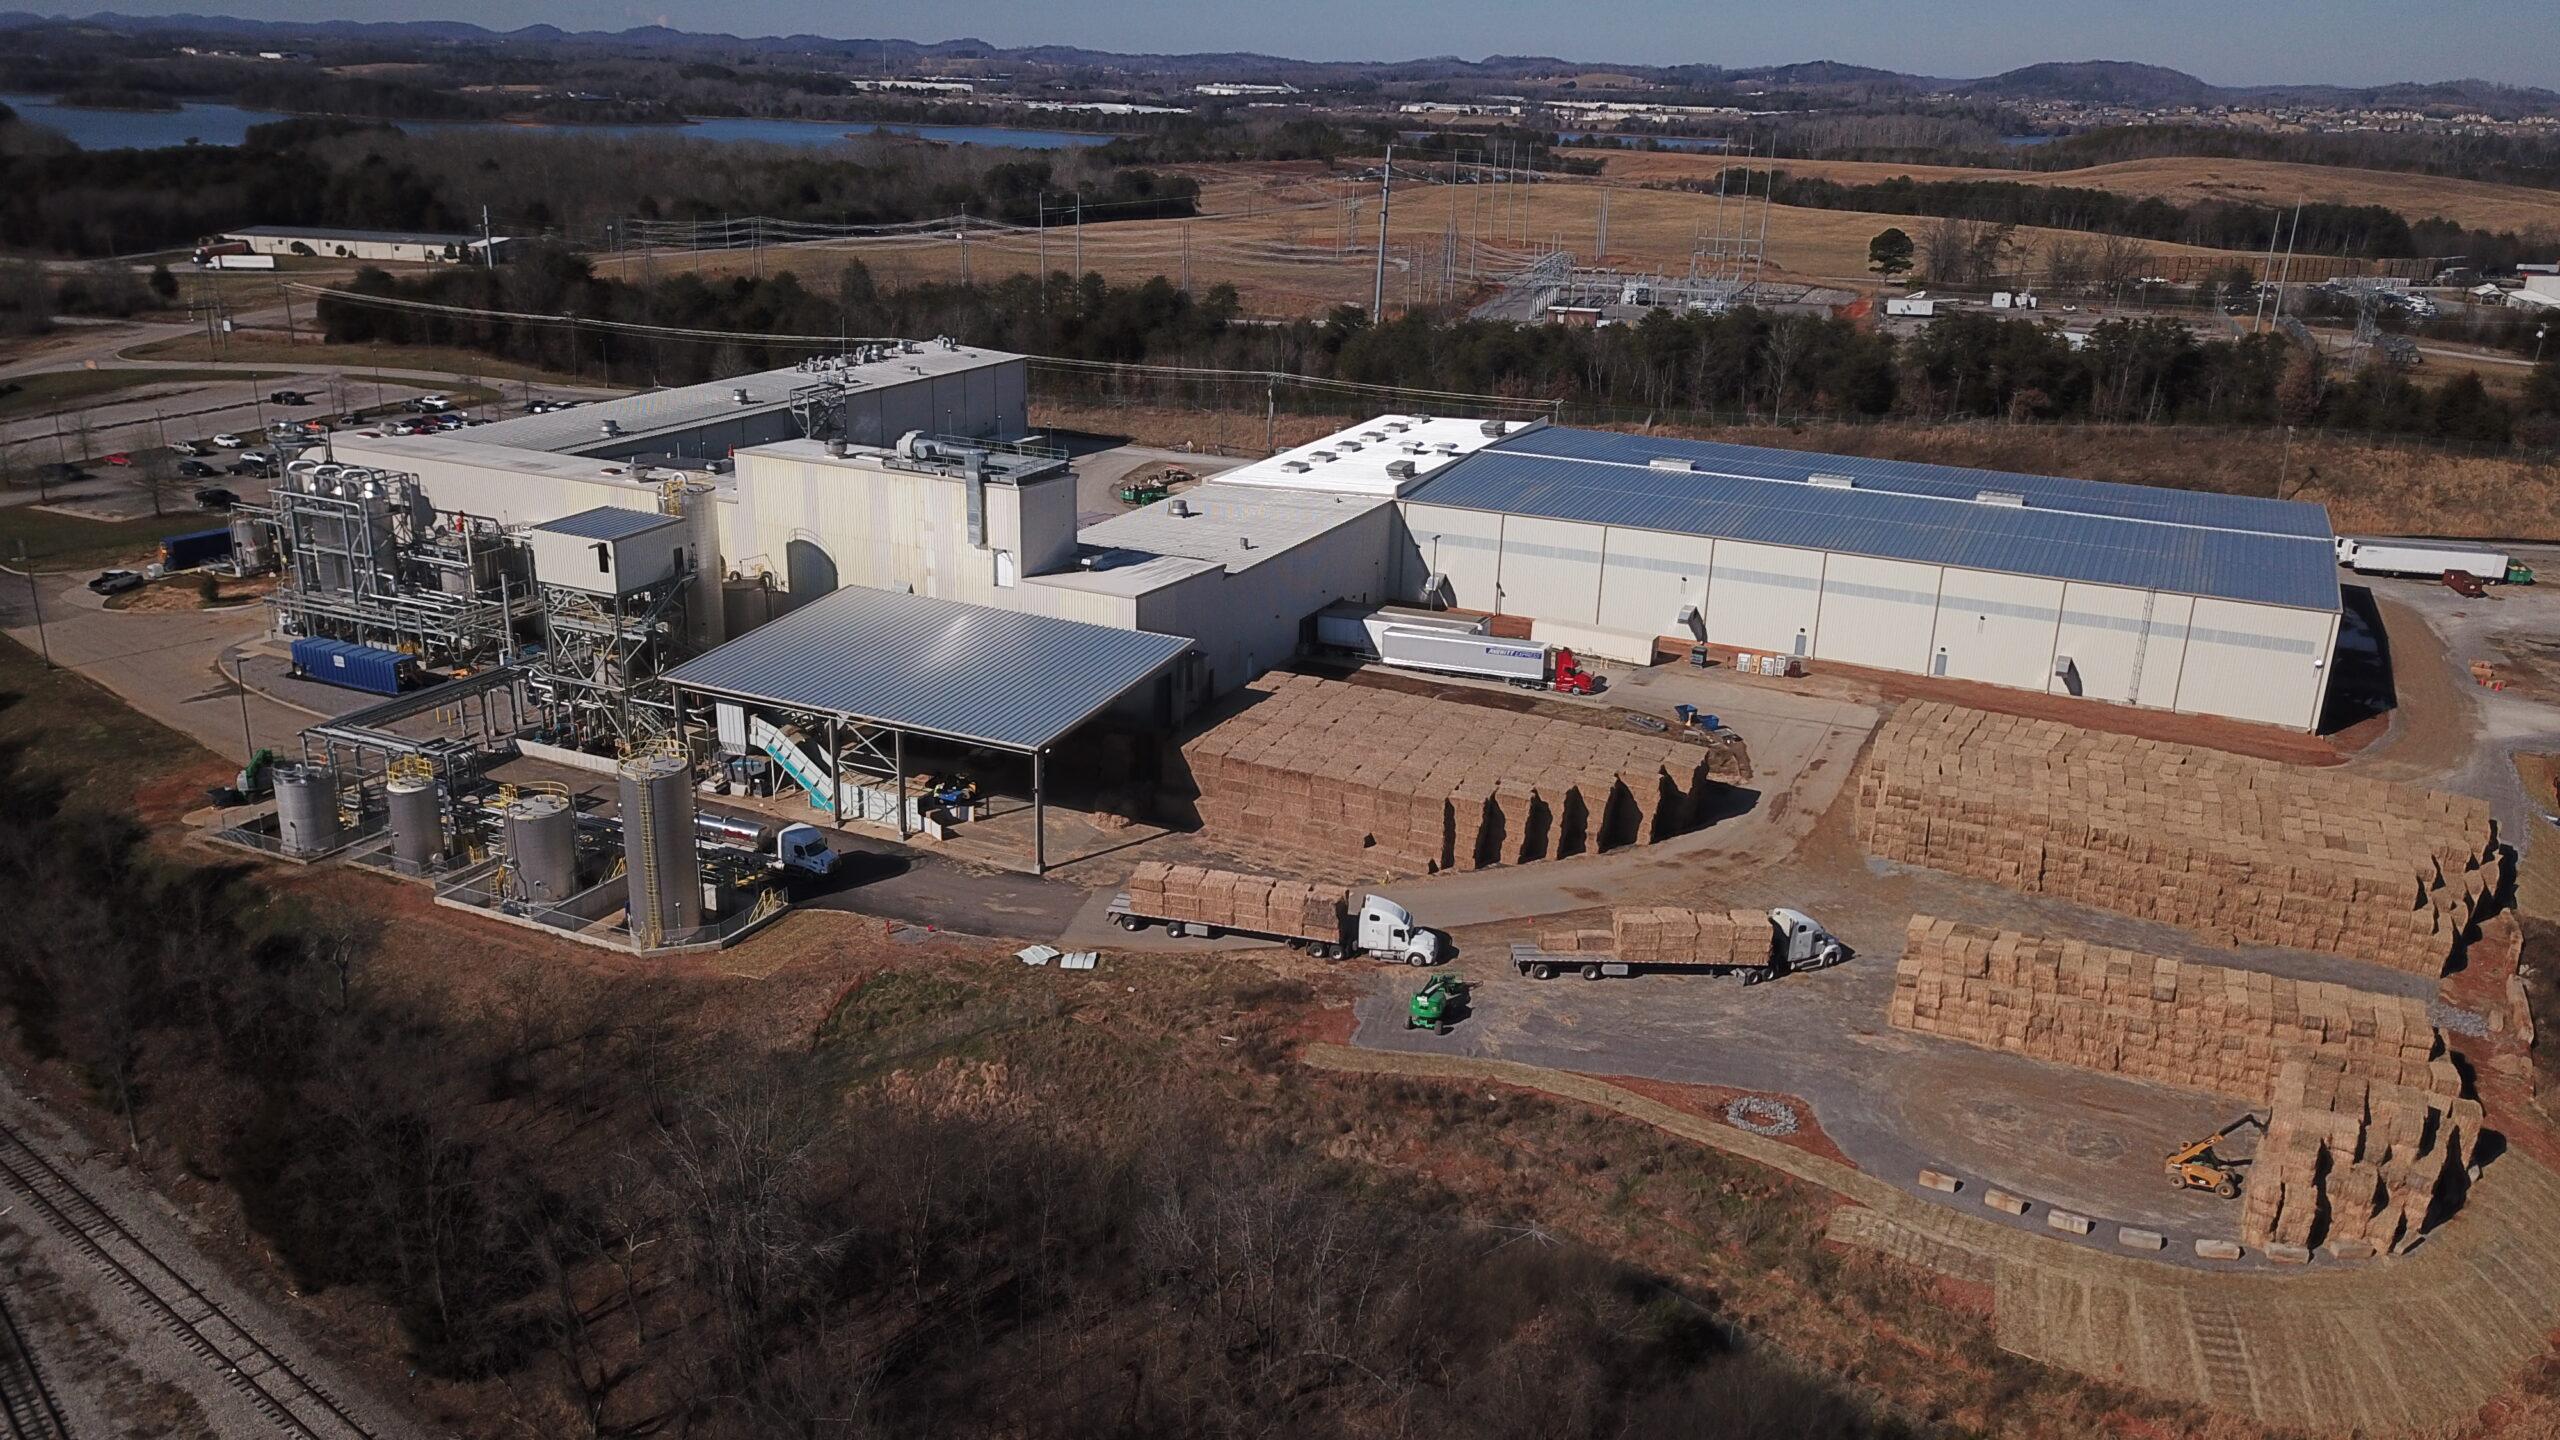 Genera's Fiber Mill